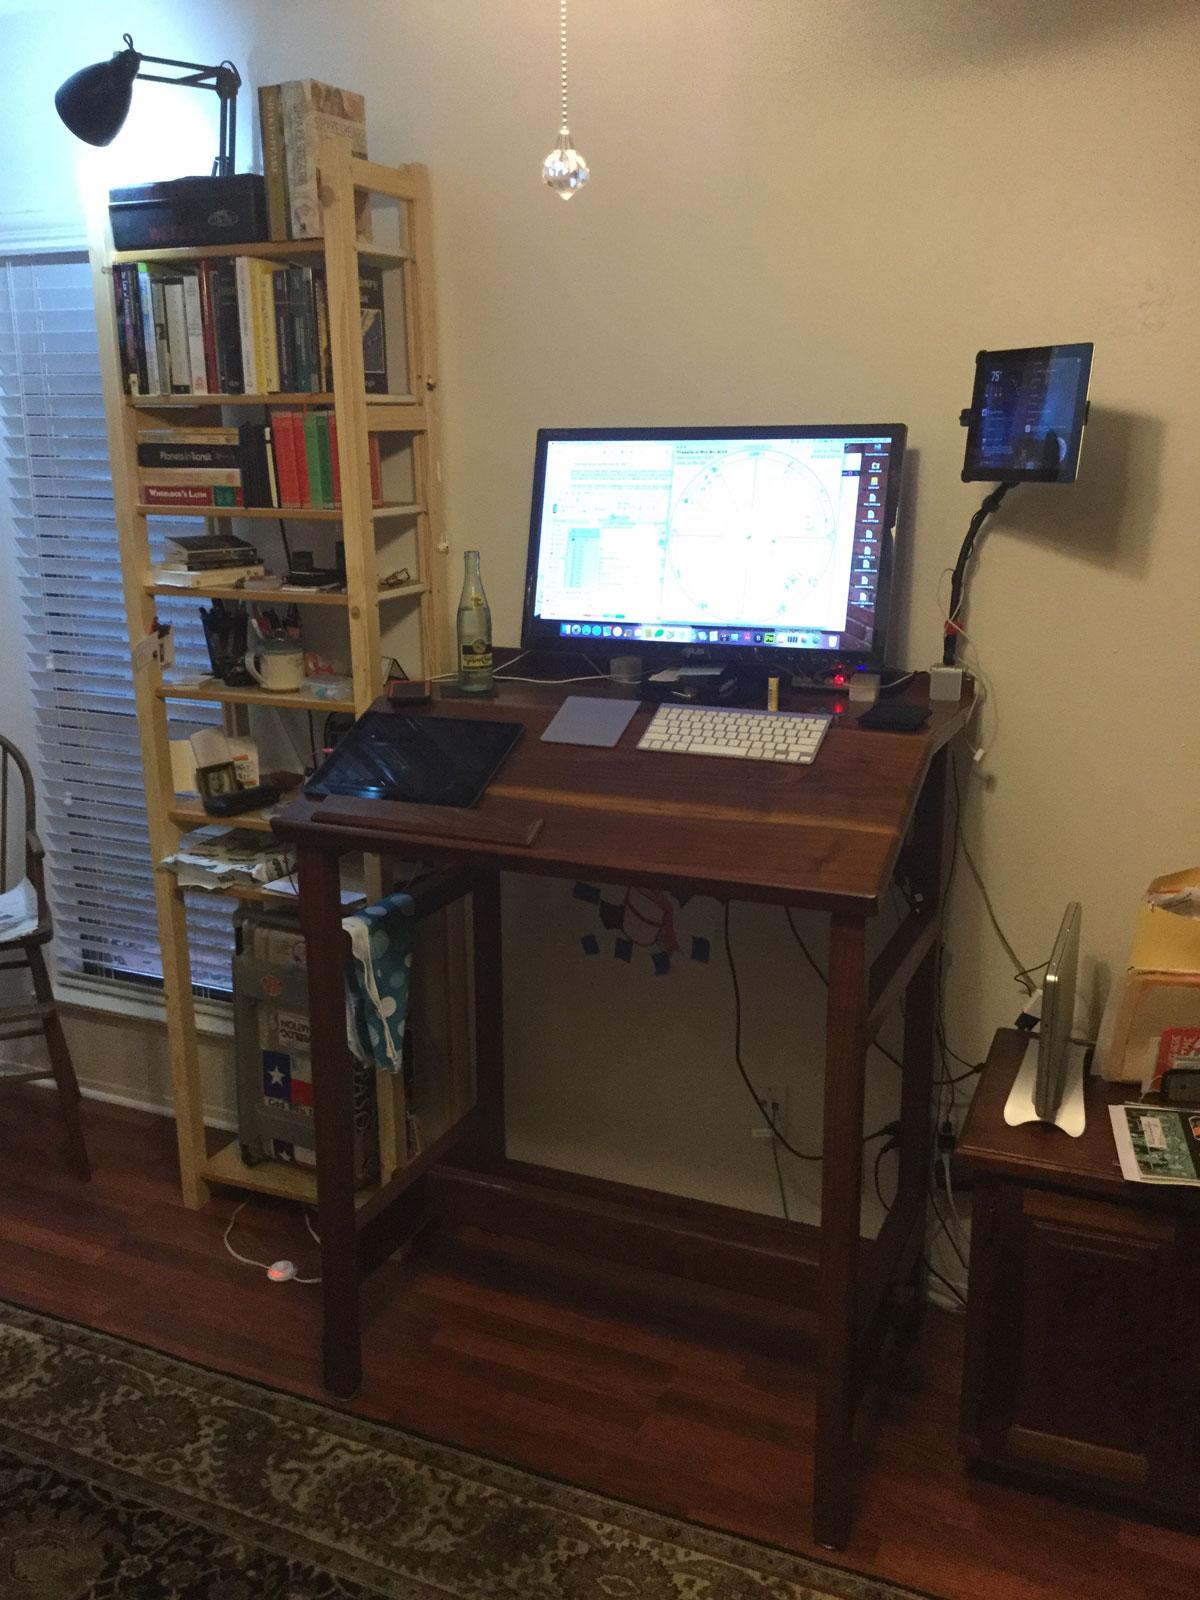 Kramer Wetzel's desk